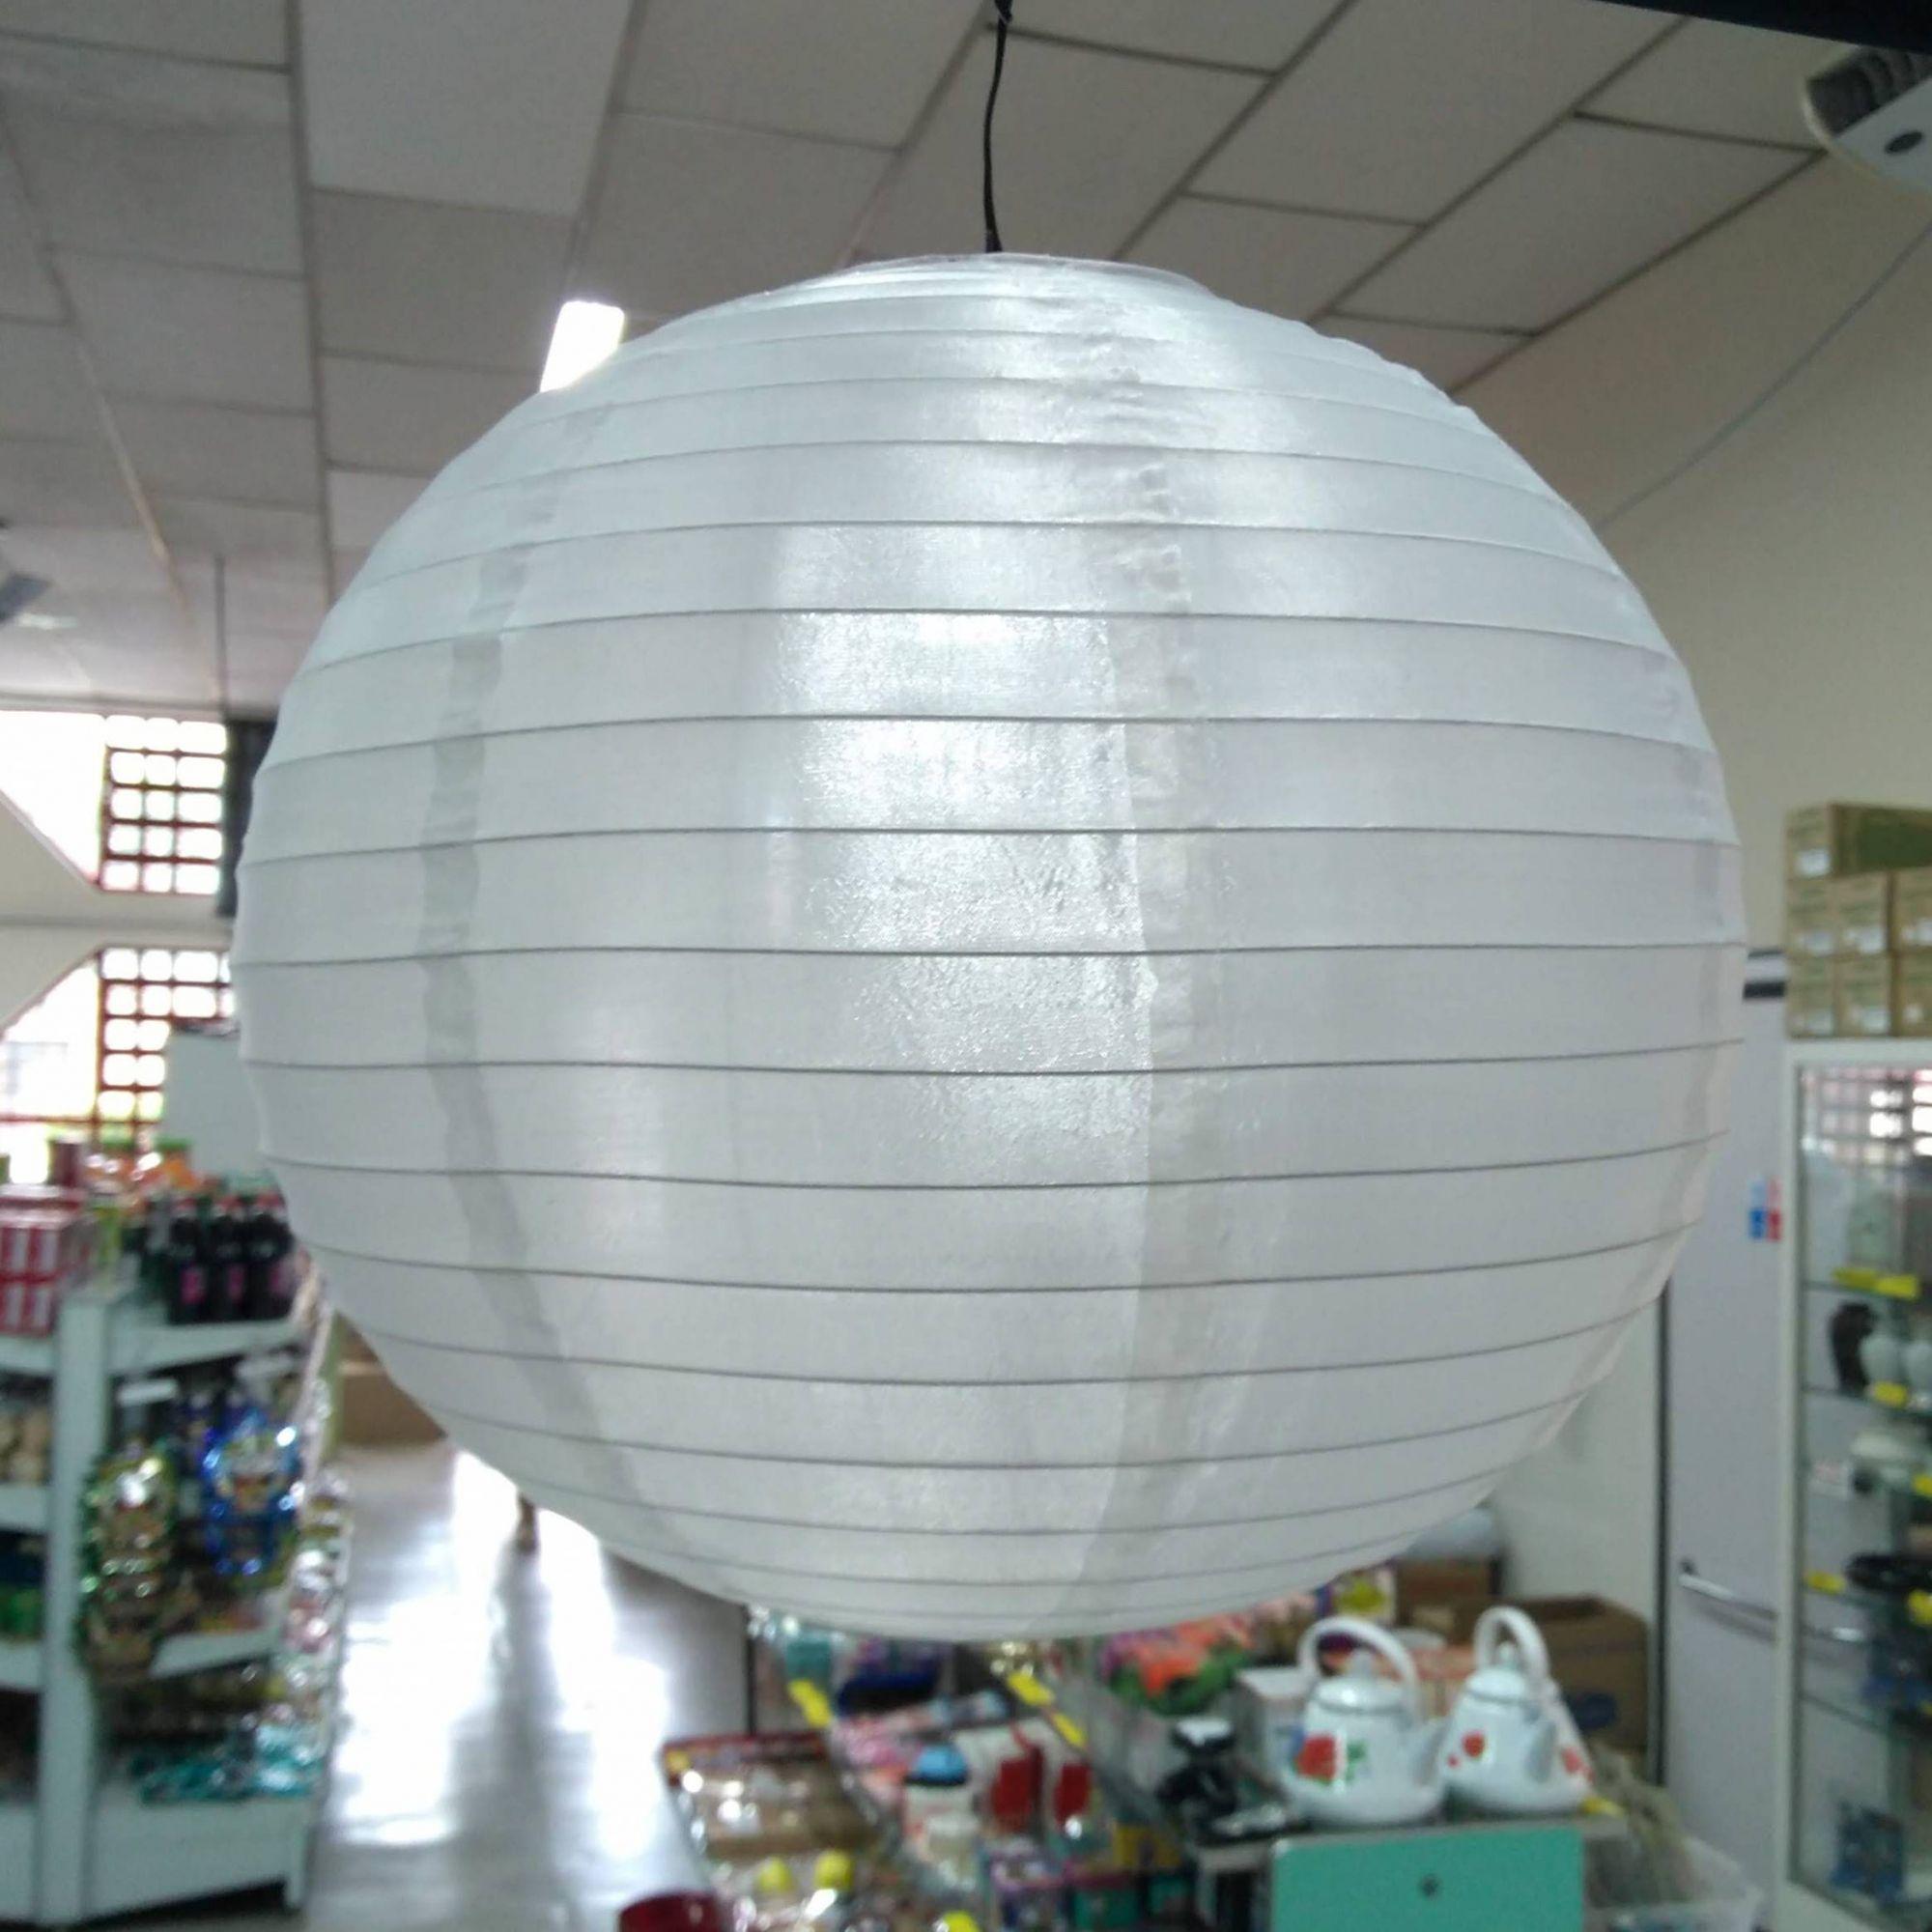 Luminária Decorativo Tyotin 30cm - Verm / Branco